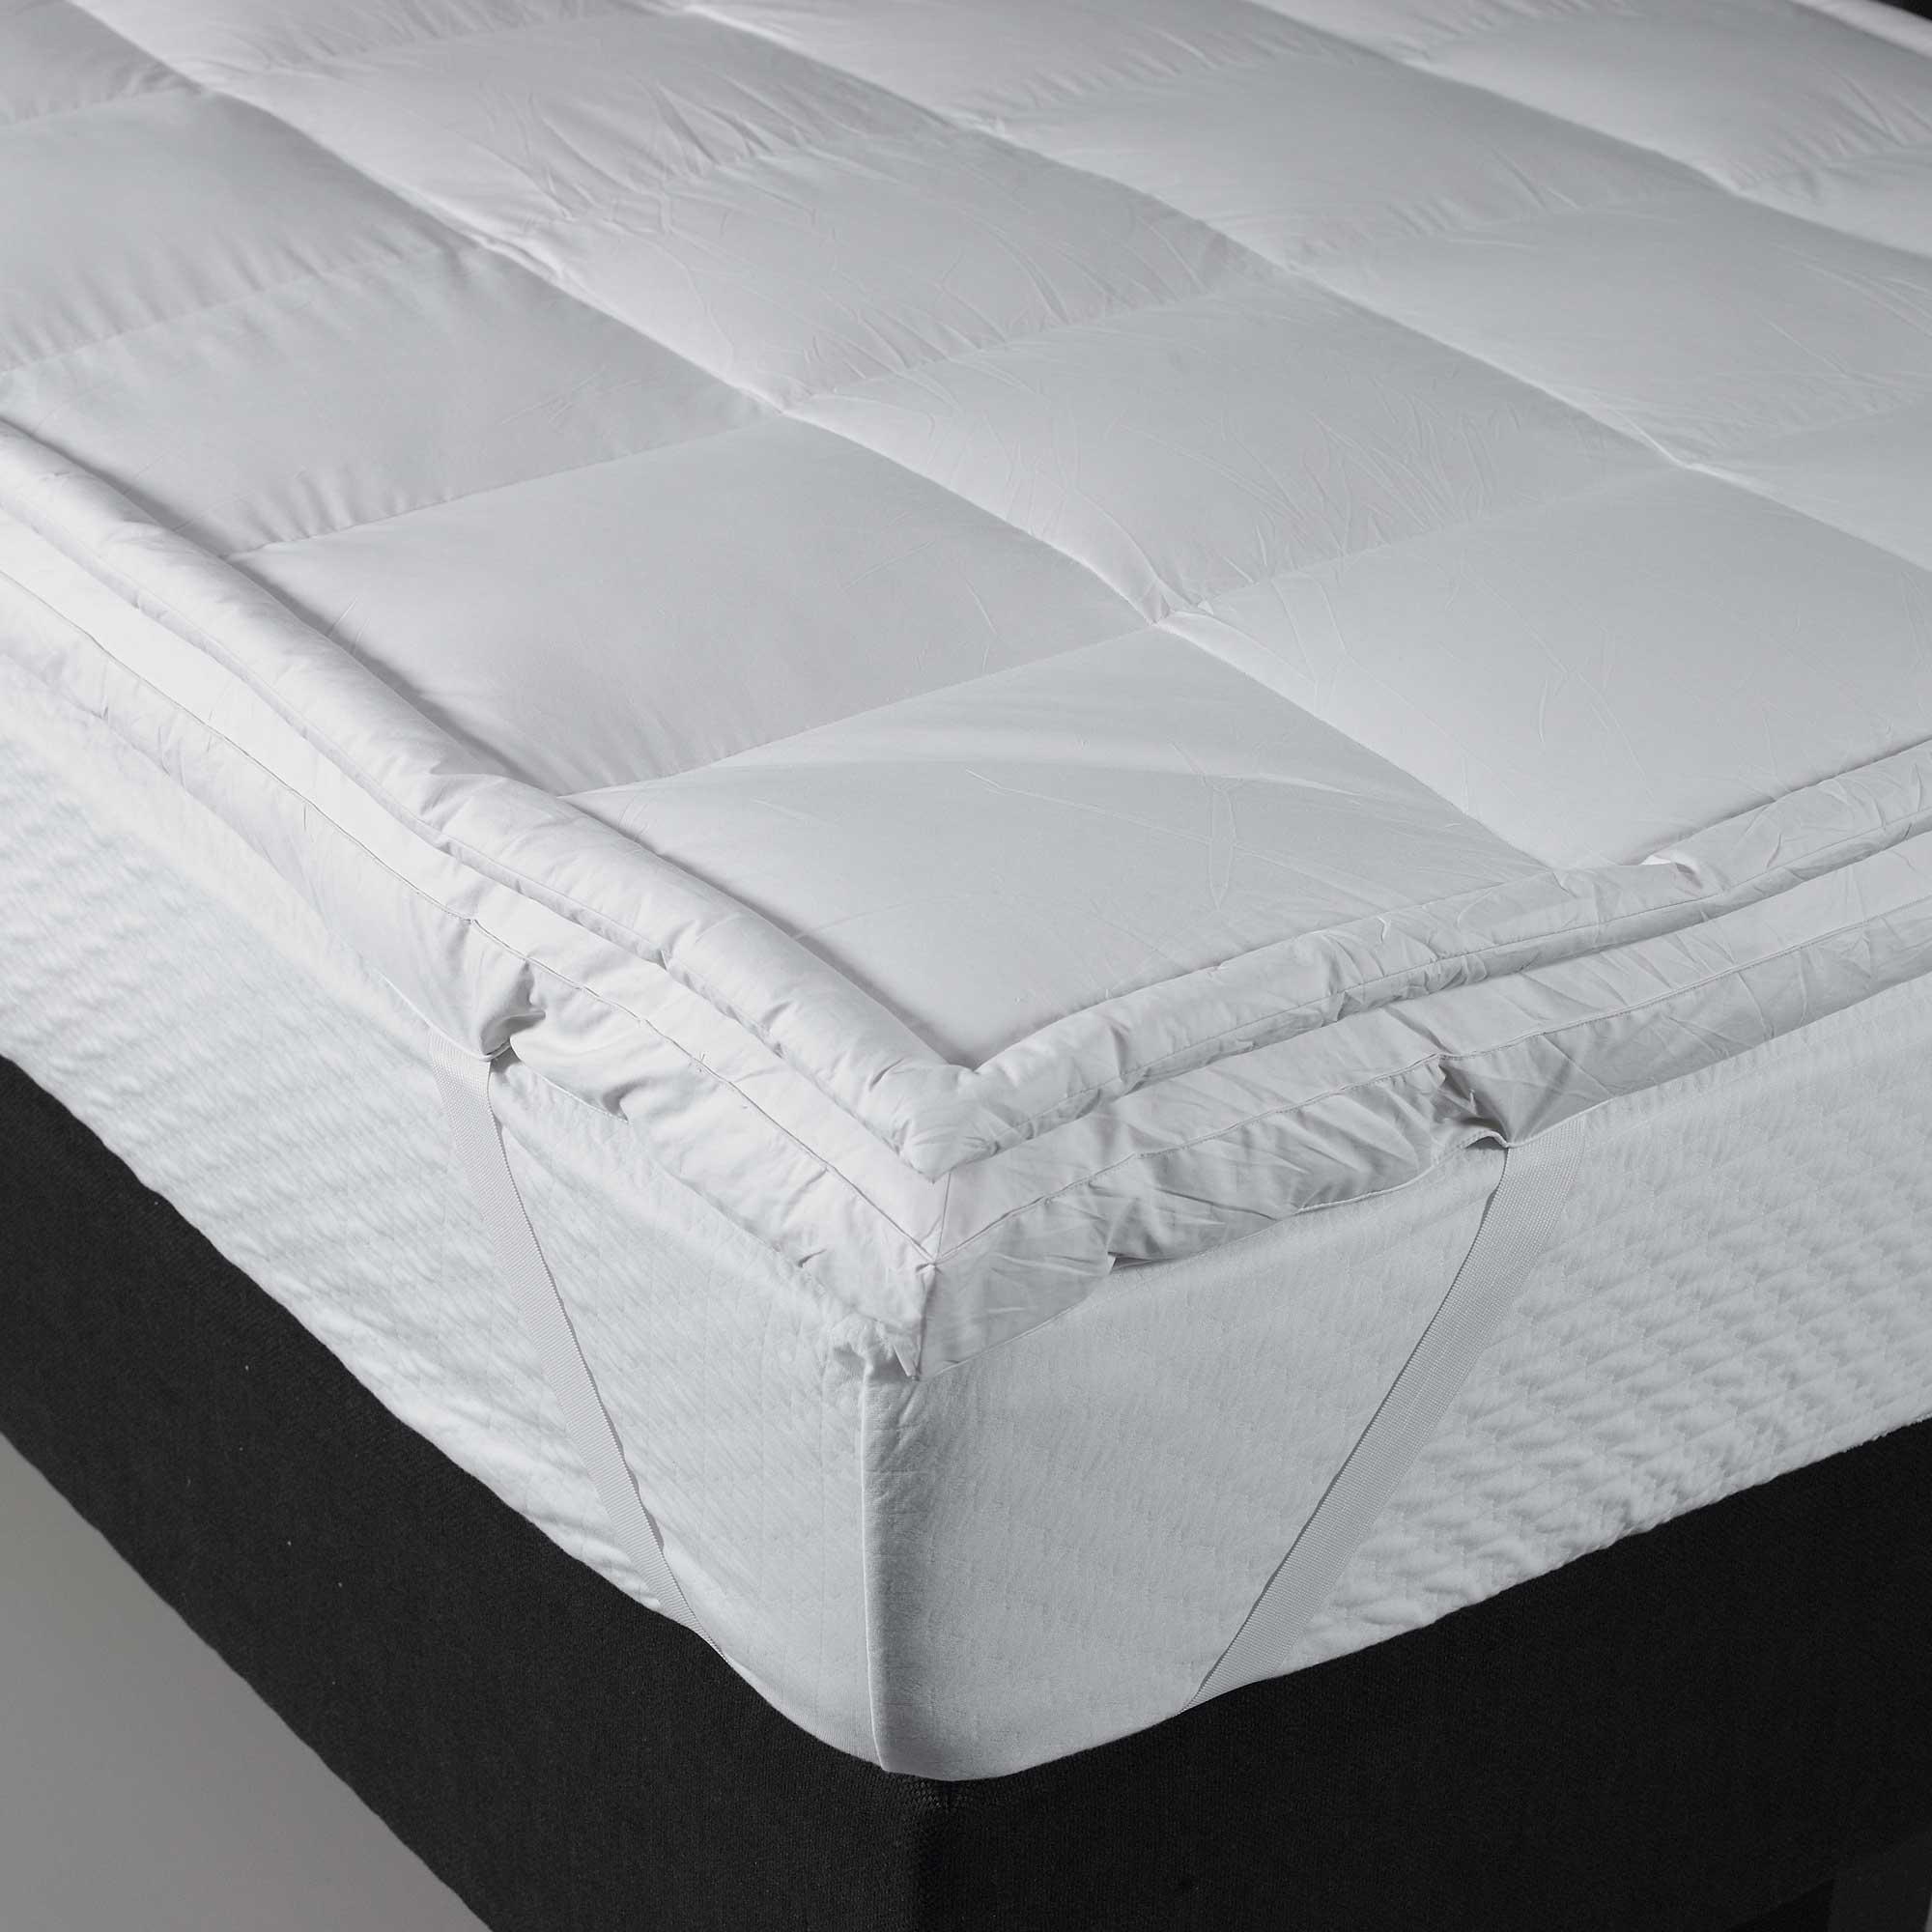 bultex surmatelas confort moelleux paisseur 7 cm 160 x. Black Bedroom Furniture Sets. Home Design Ideas